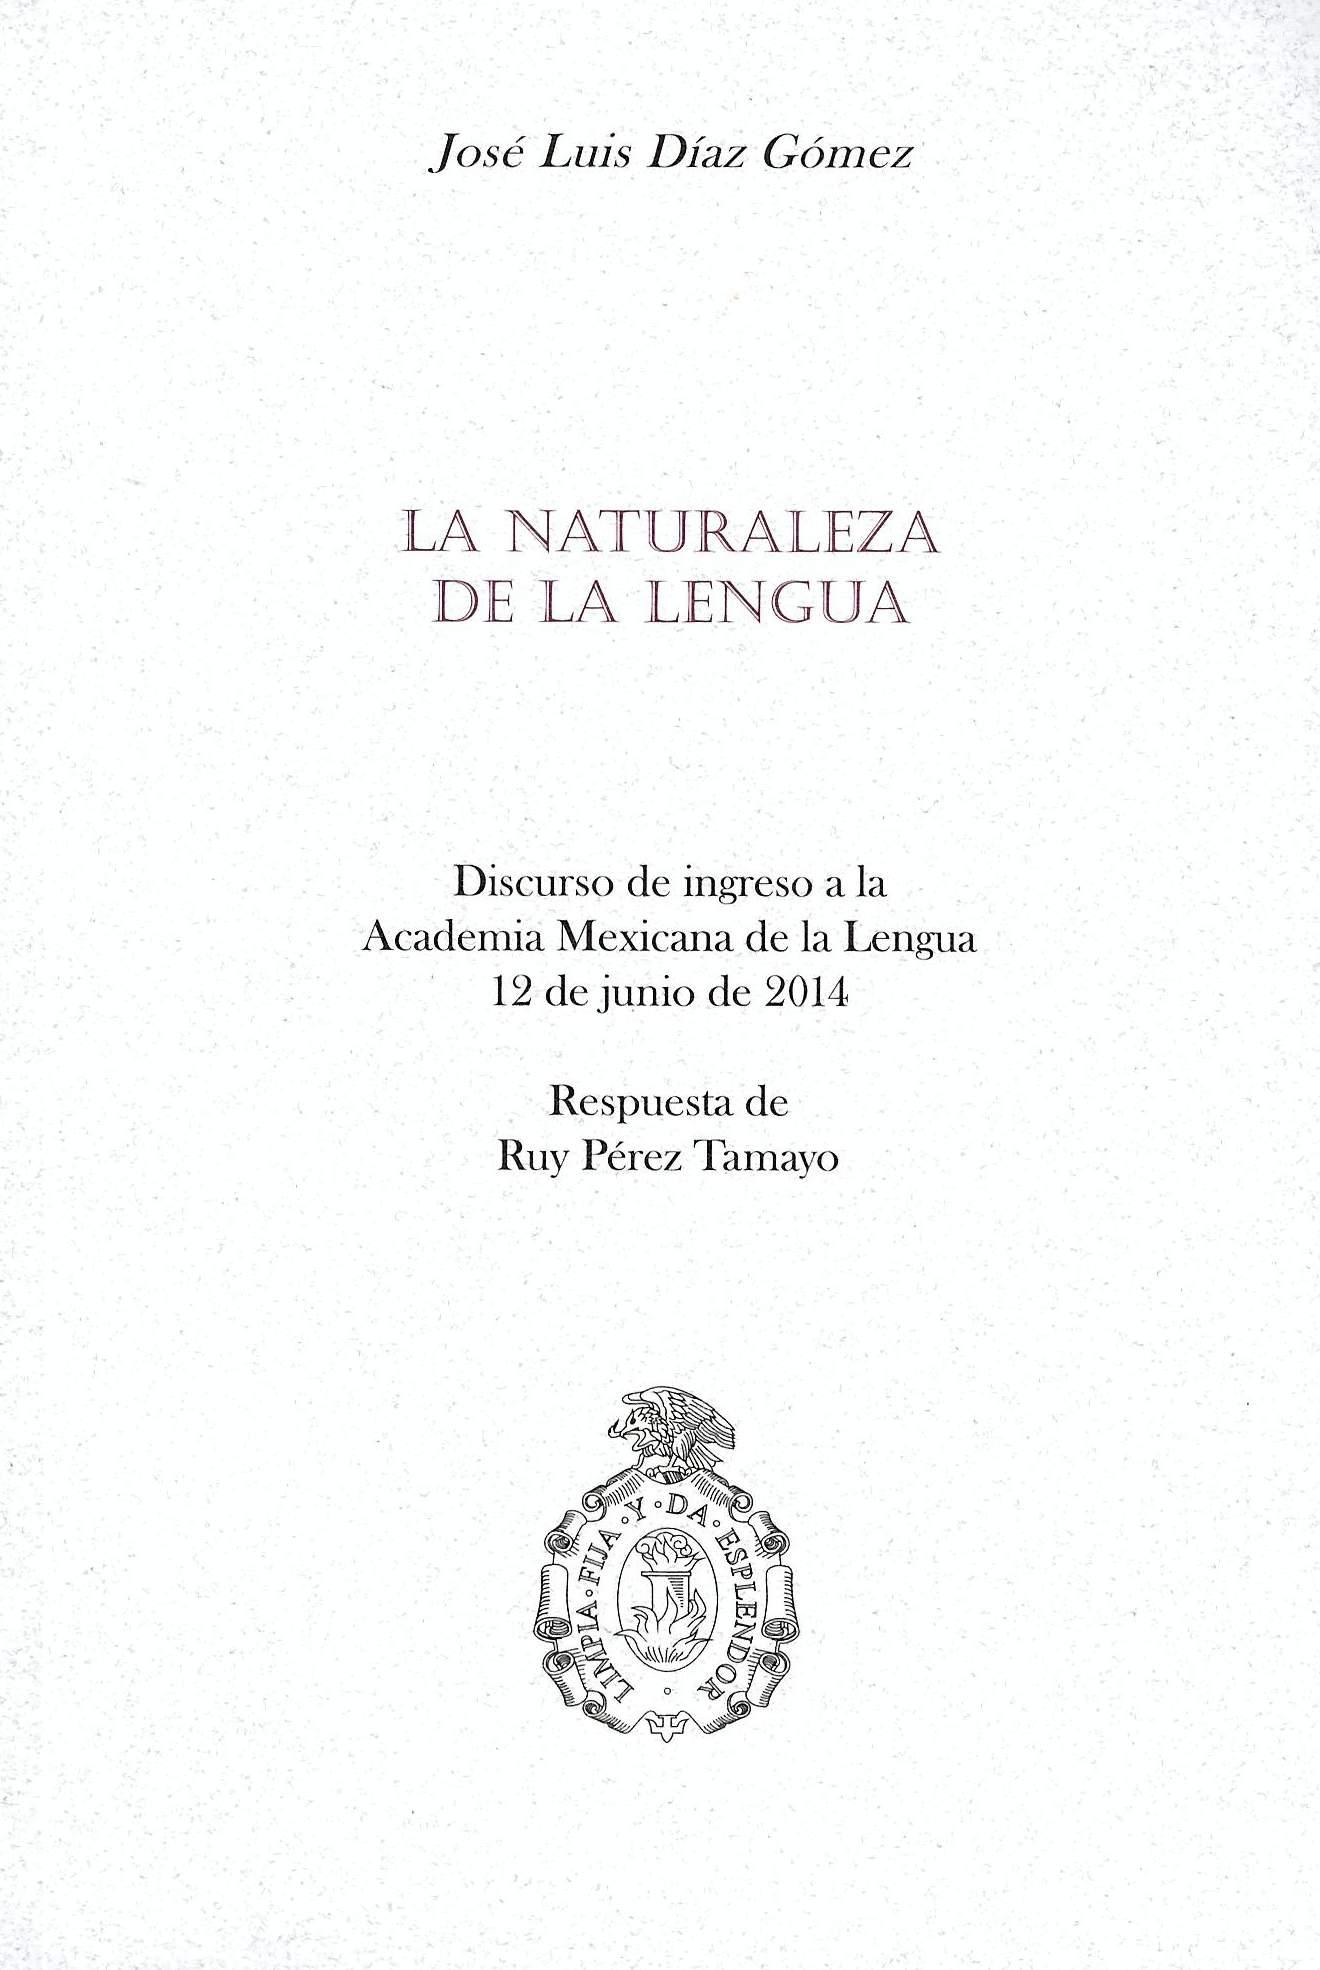 La naturaleza de la lengua Discurso de ingreso a la Academia Mexicana de la Lengua,12 de junio de 2014